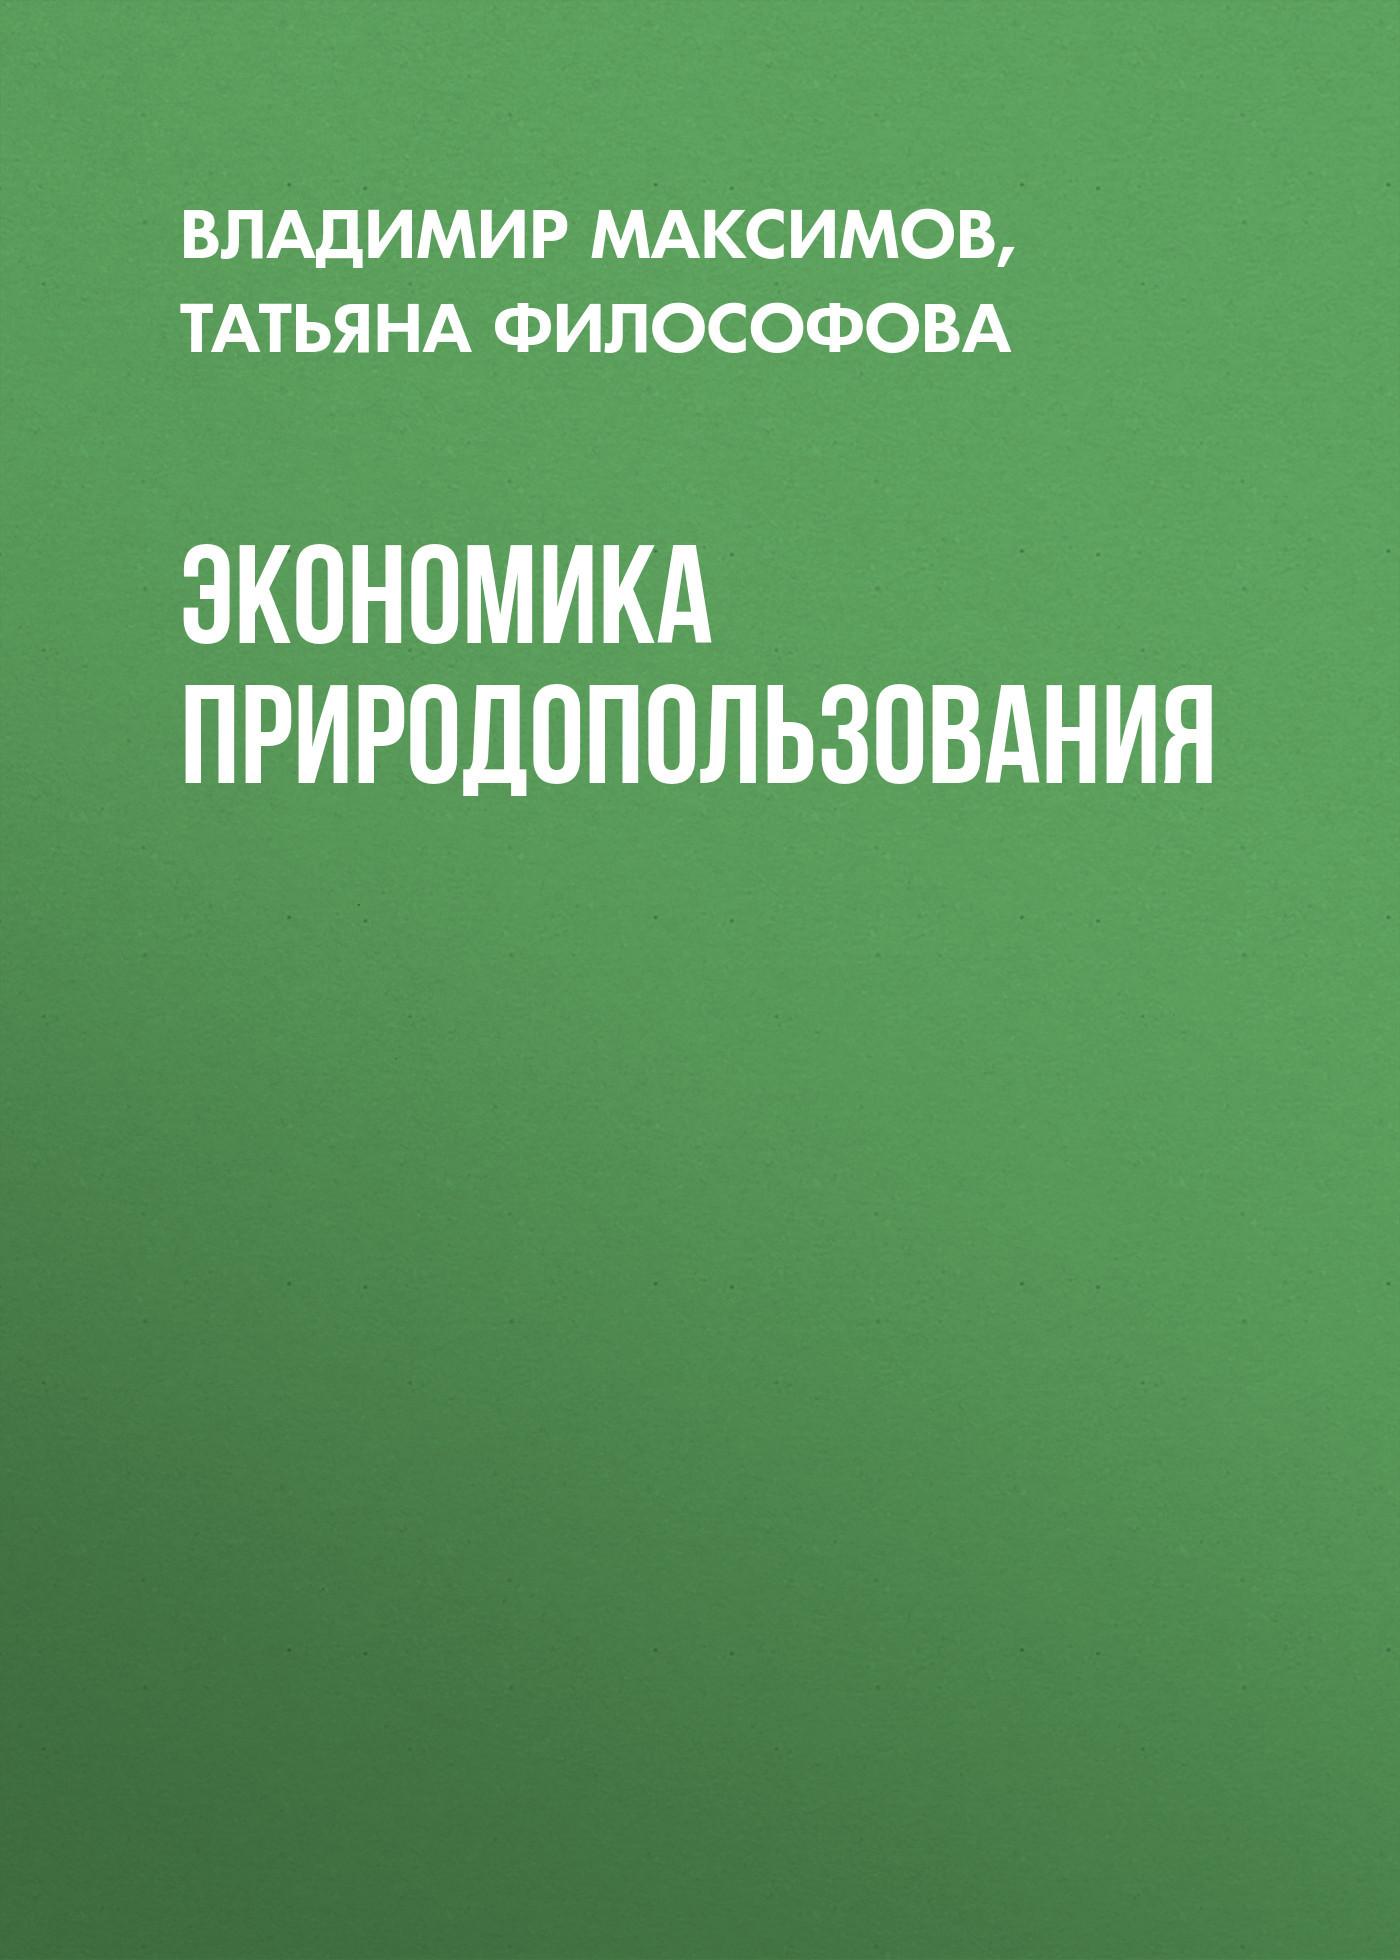 Татьяна Философова. Экономика природопользования